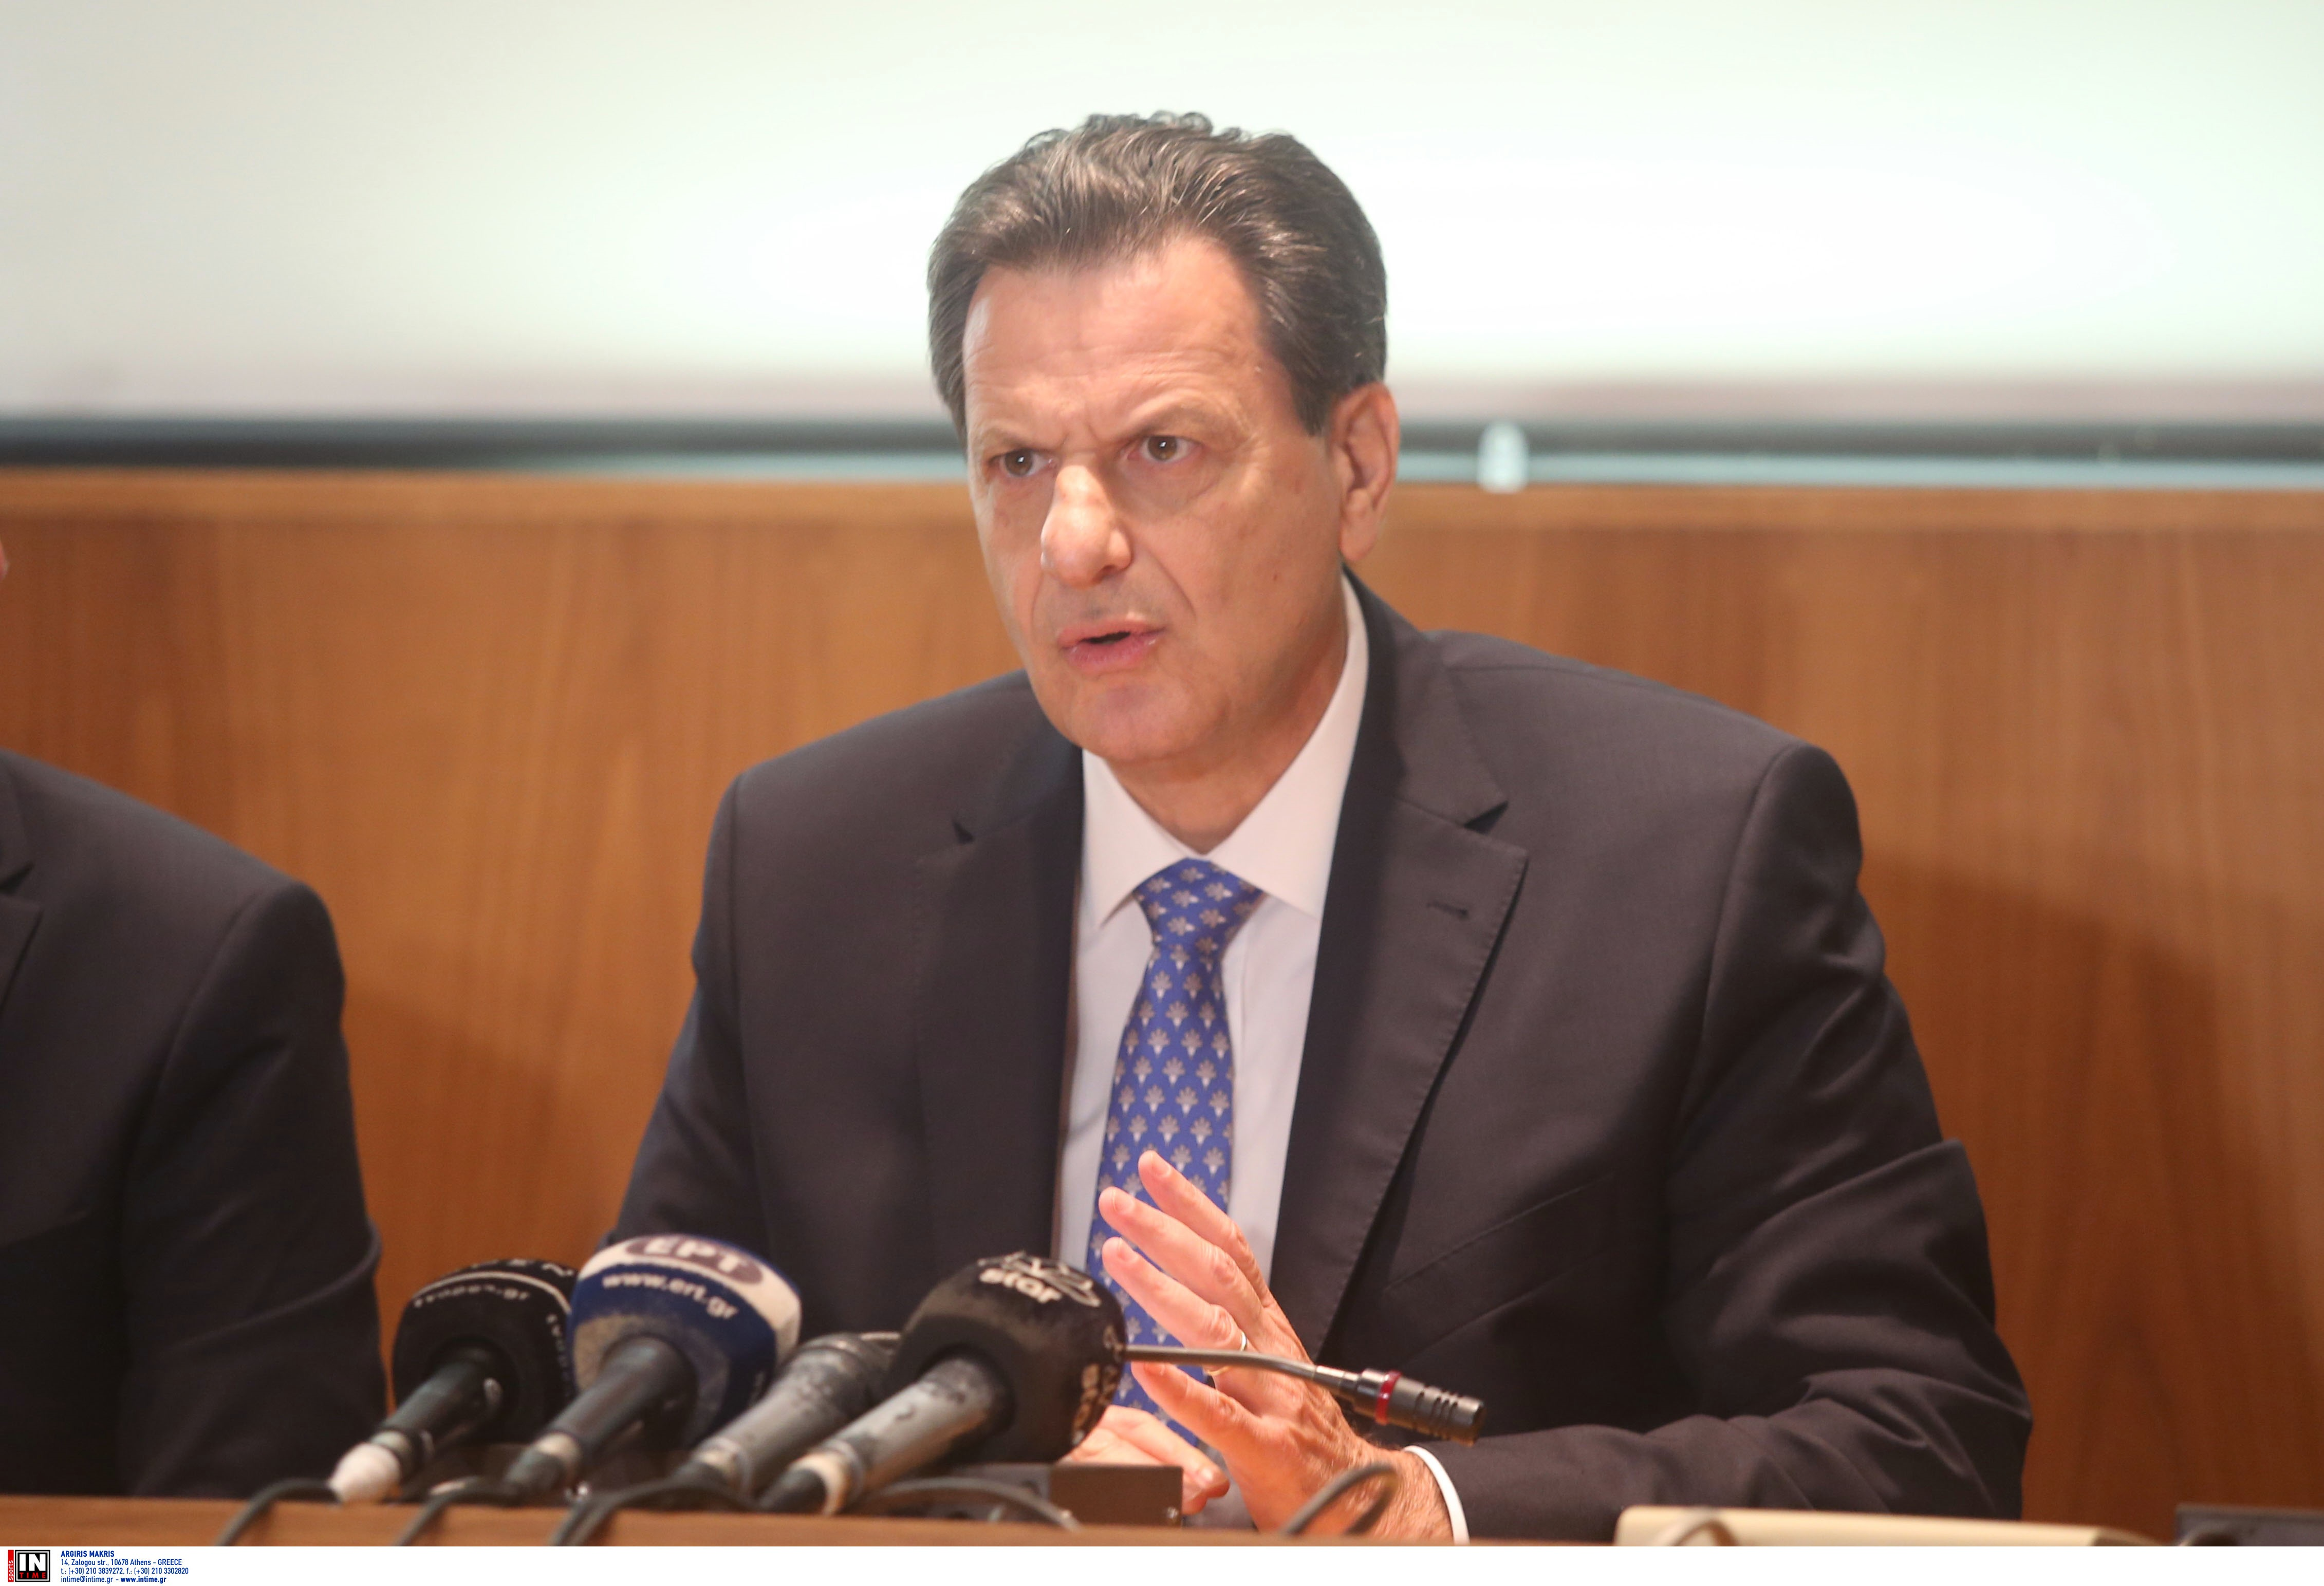 """Σκυλακάκης: """"Επί ΣΥΡΙΖΑ υπήρχε τρομακτική φορολογία στις επιχειρήσεις""""!"""